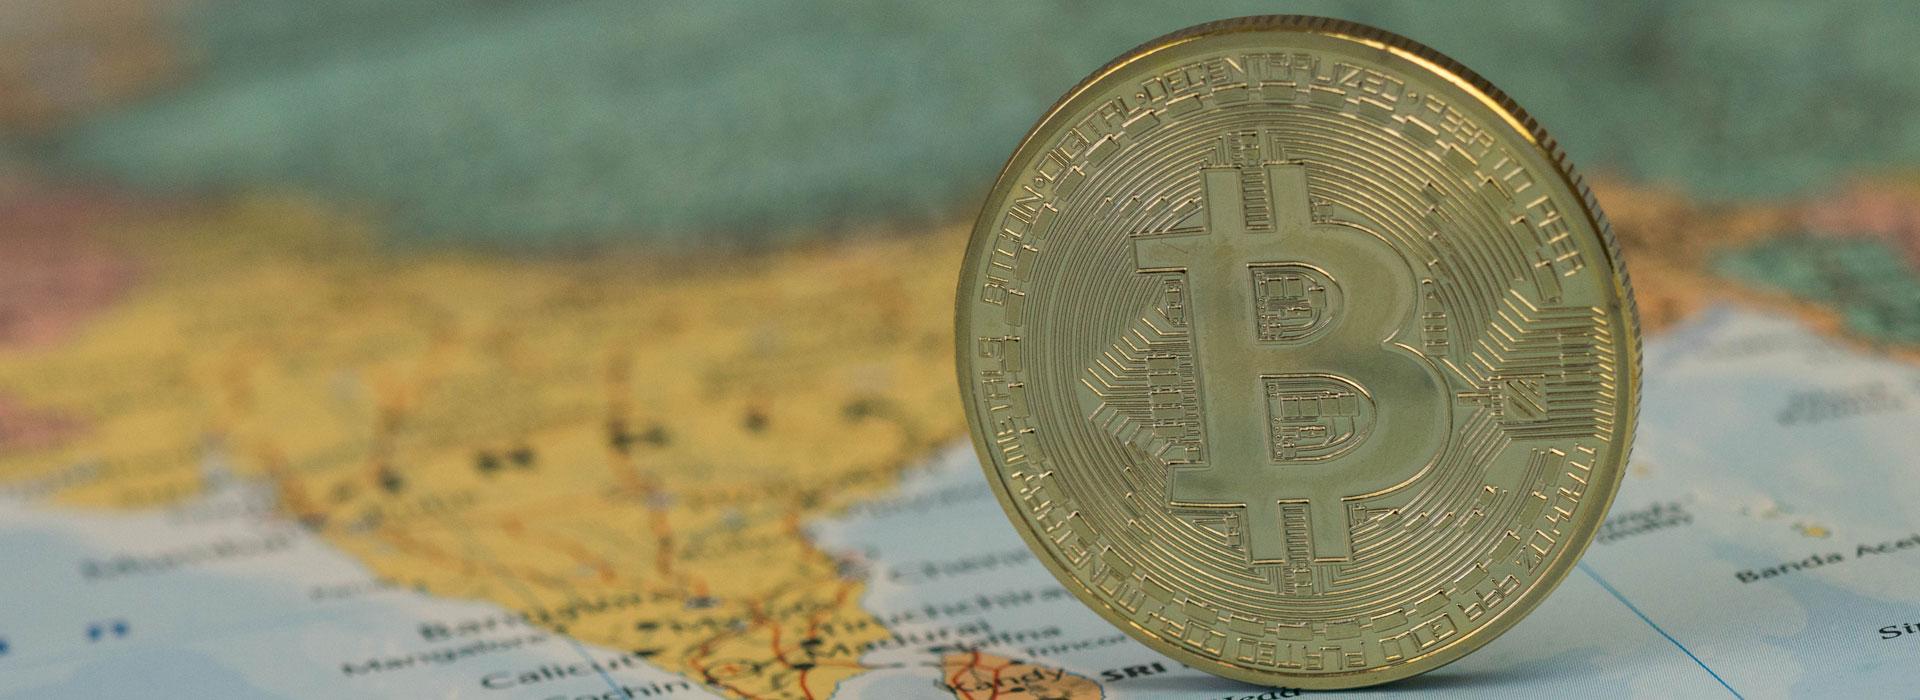 數位貨幣掀起浪潮  建立不容小覷的金融影響力